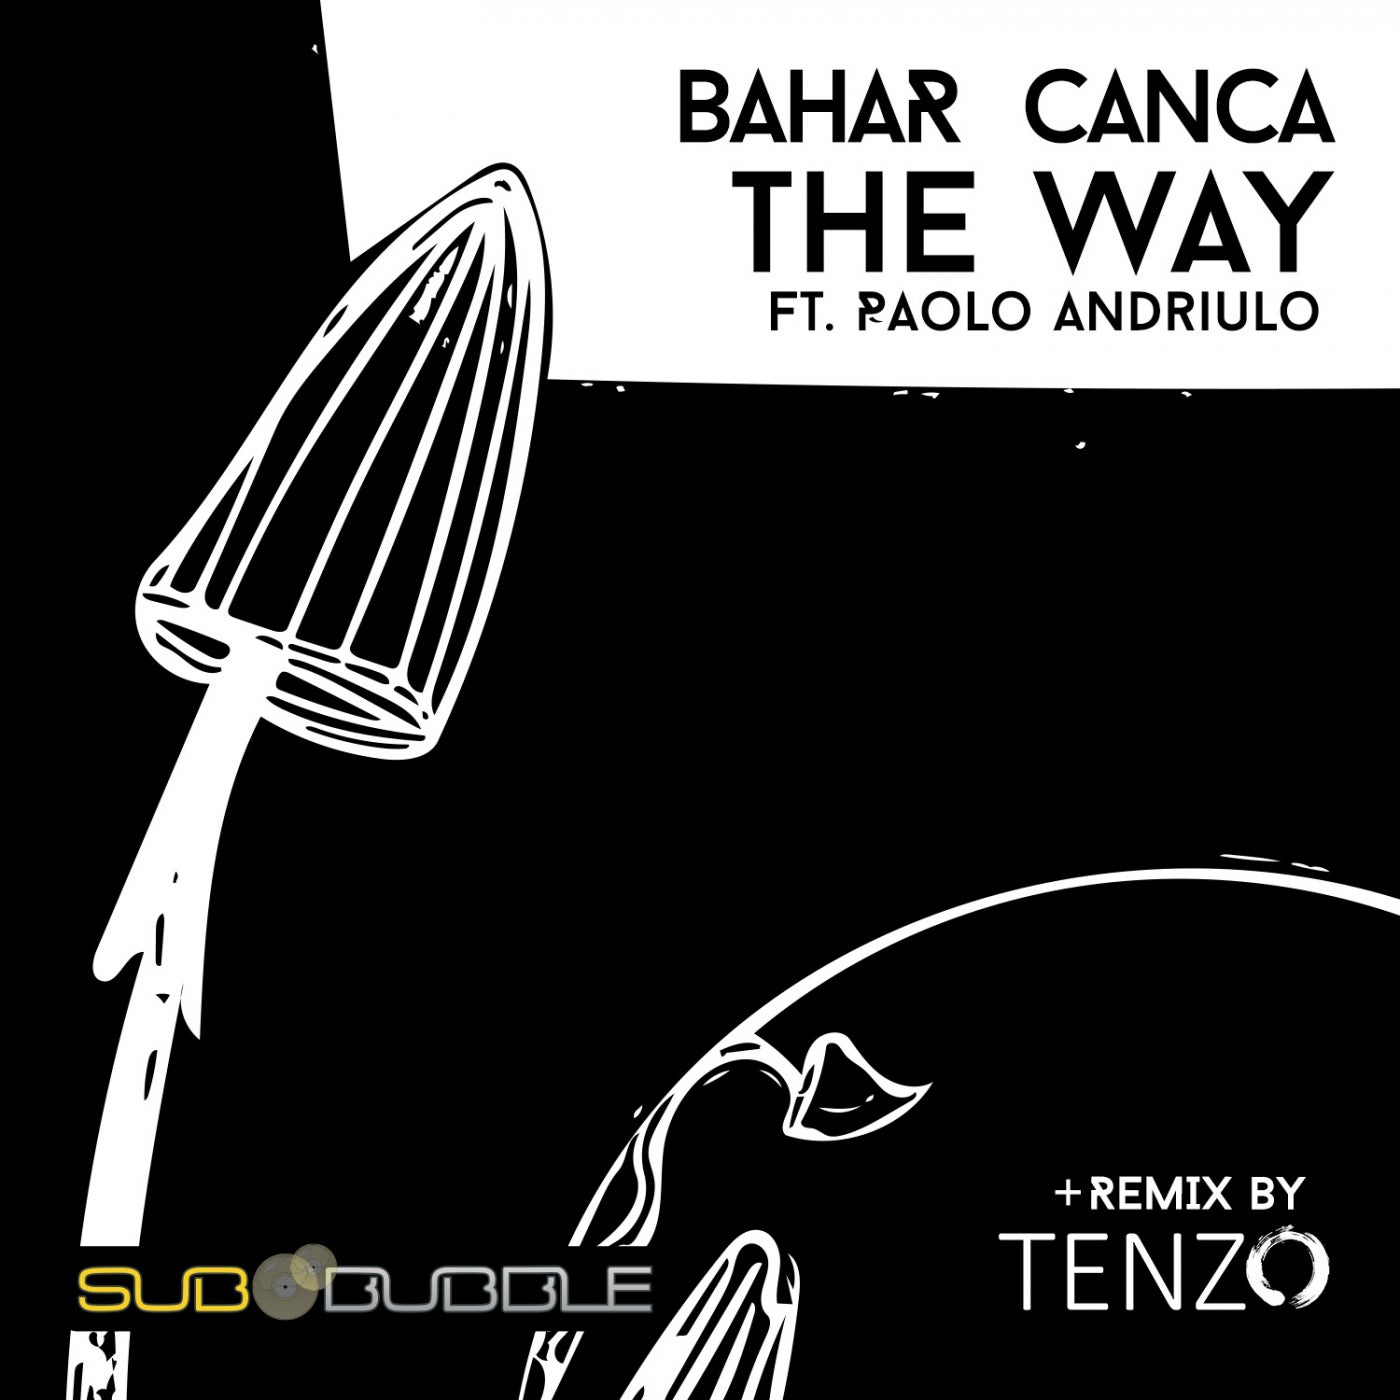 The Way (Original Mix)